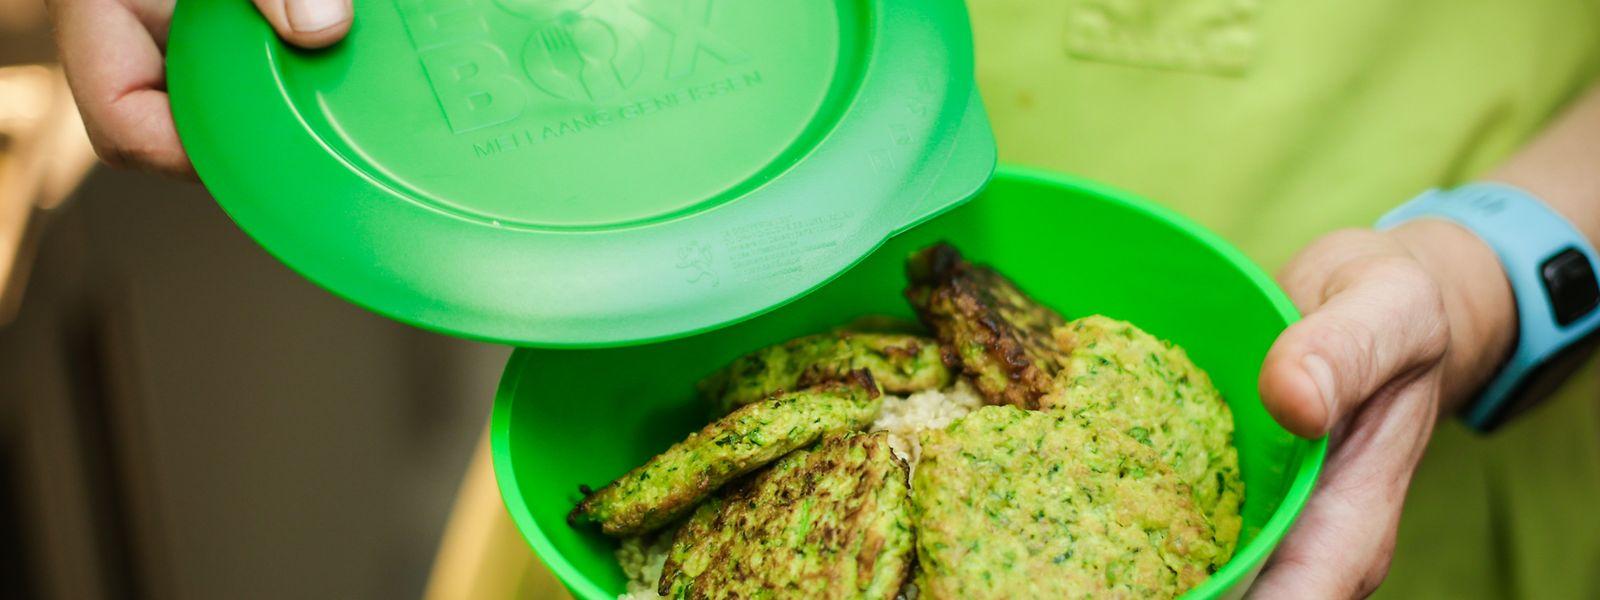 Mit der ECOBOX soll weniger Essen in den Müll wandern.